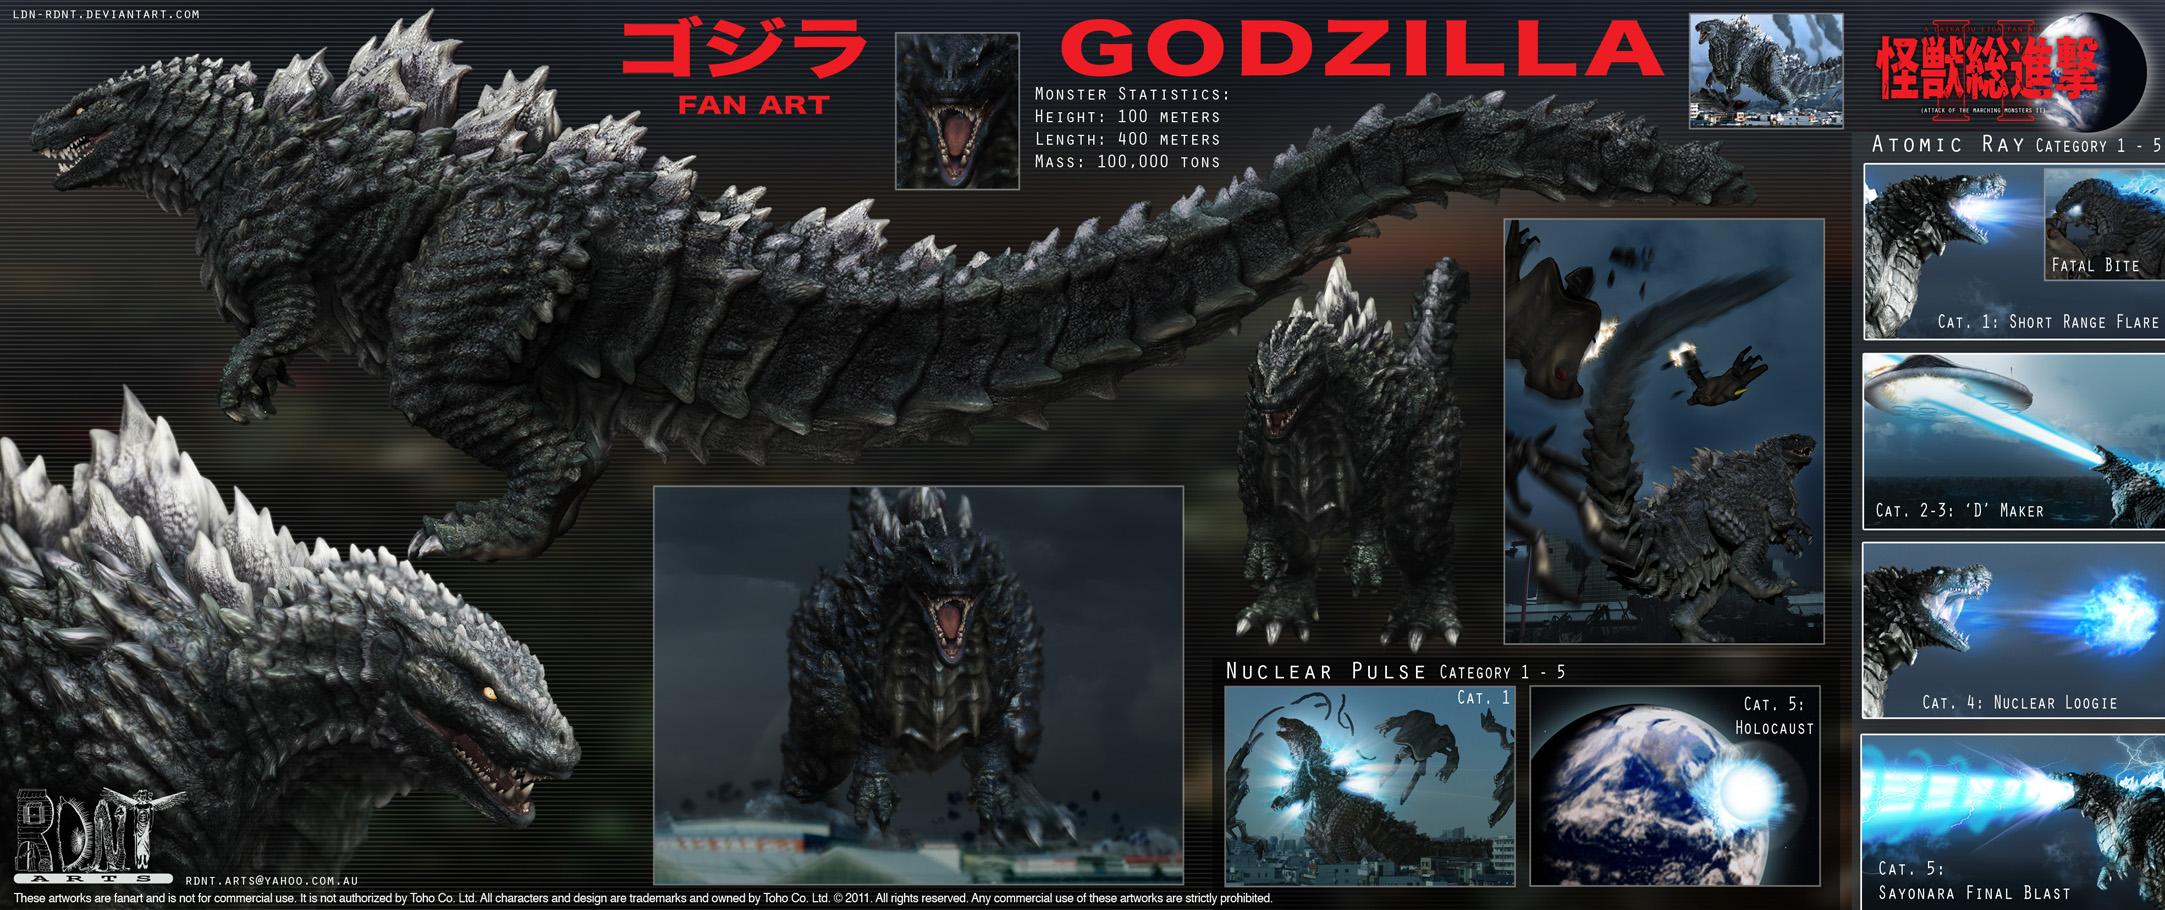 wallpaper godzilla monster dinosaur - photo #34